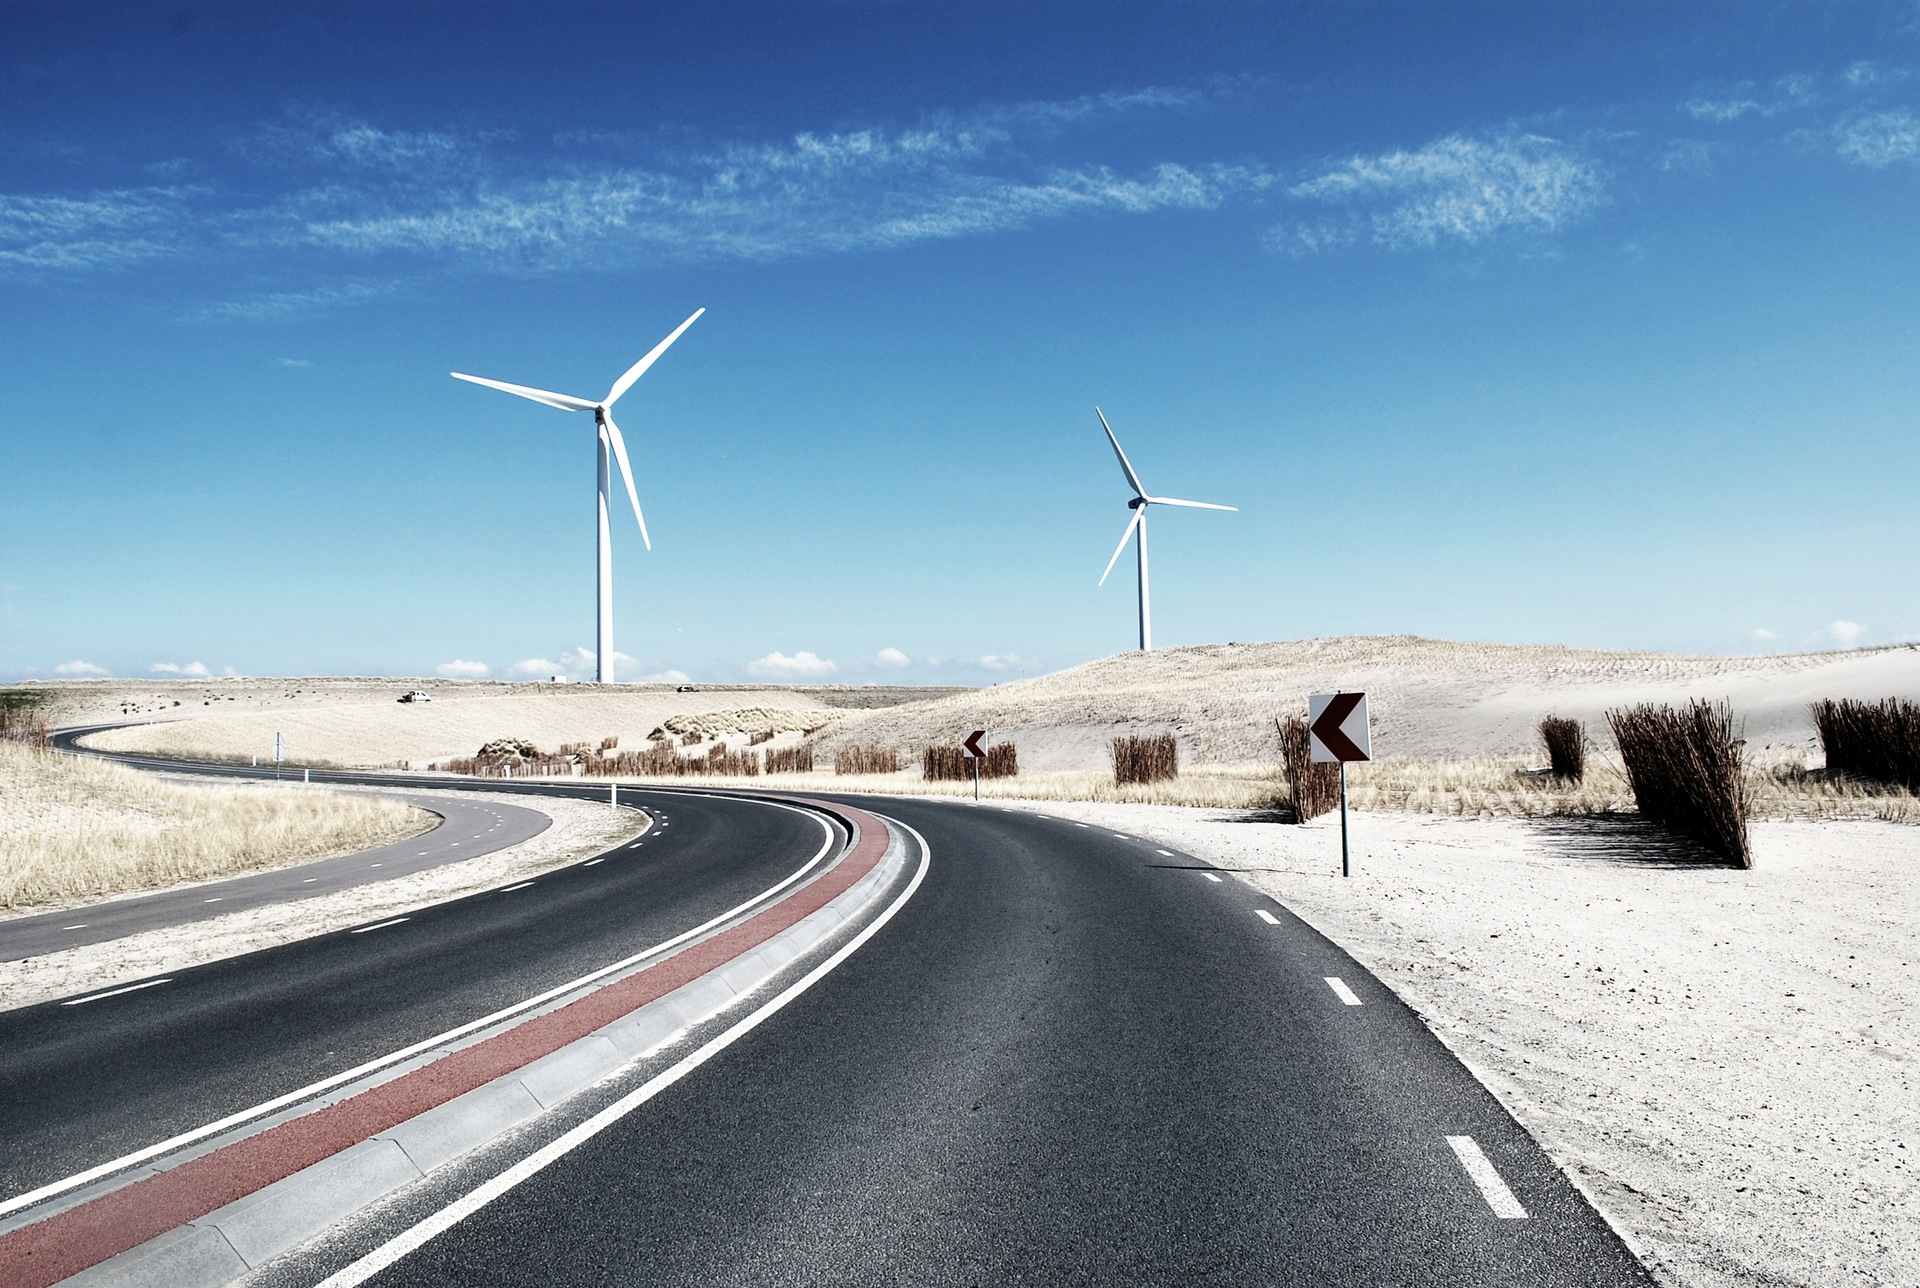 road-street-desert-industry